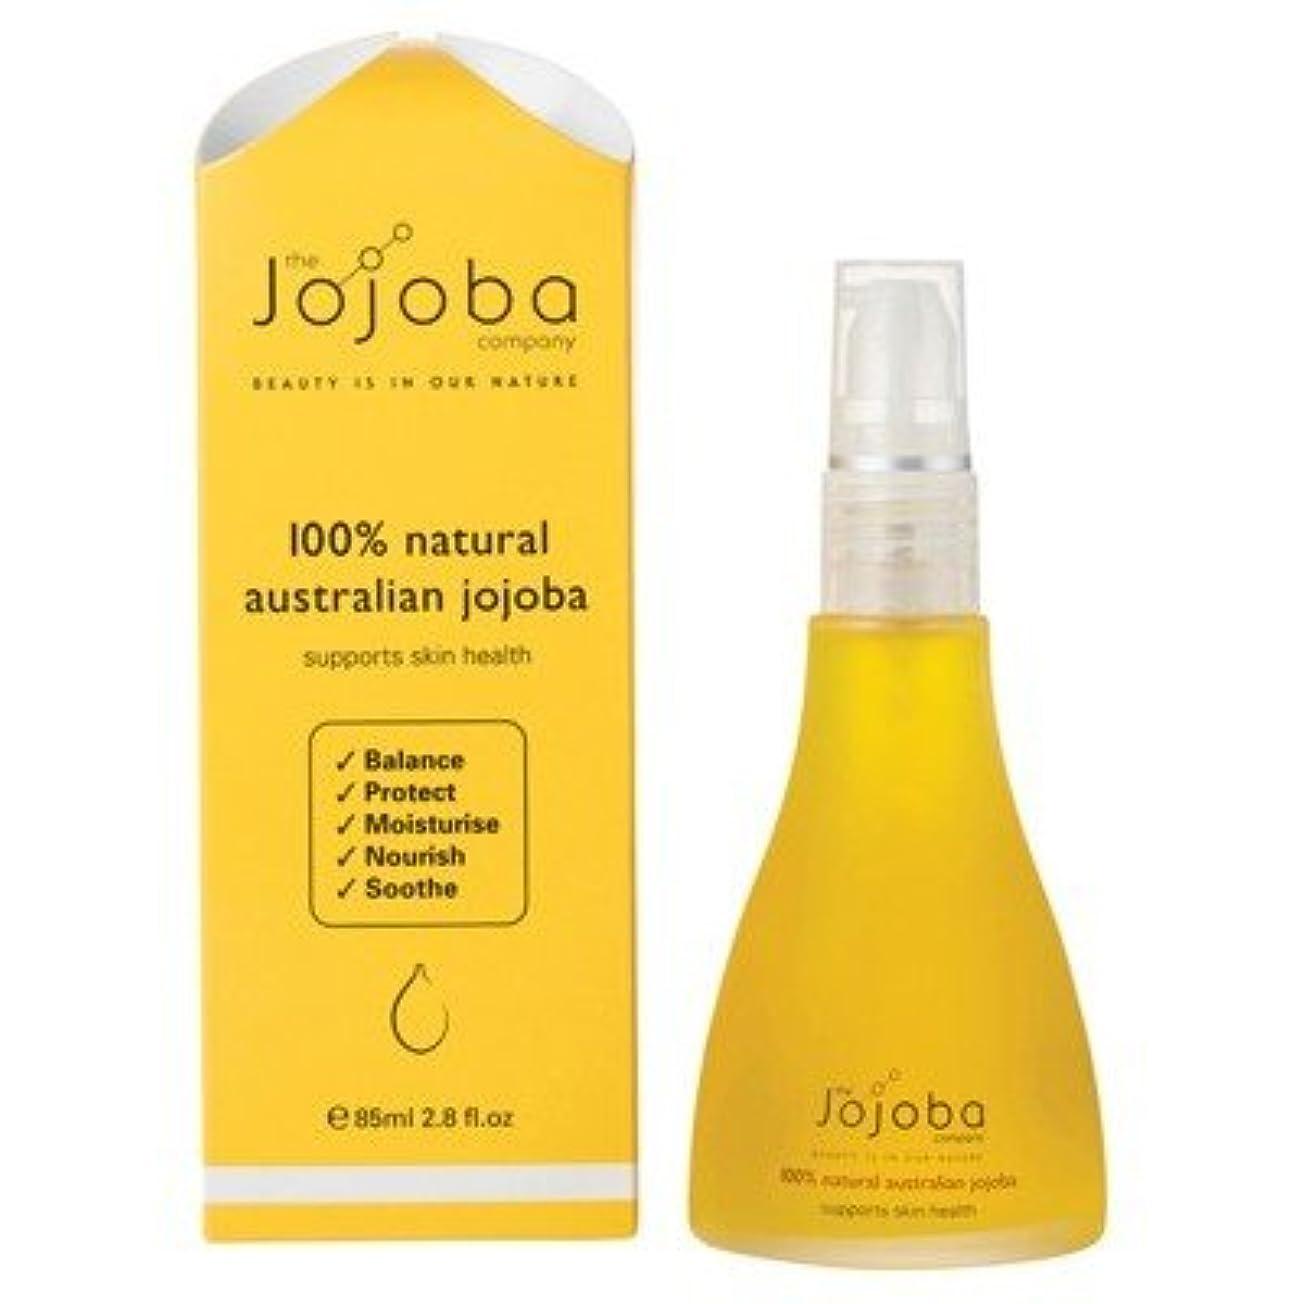 判読できない意志瀬戸際the Jojoba Company 100% Natural Australian Jojoba Oil 85ml [海外直送品]